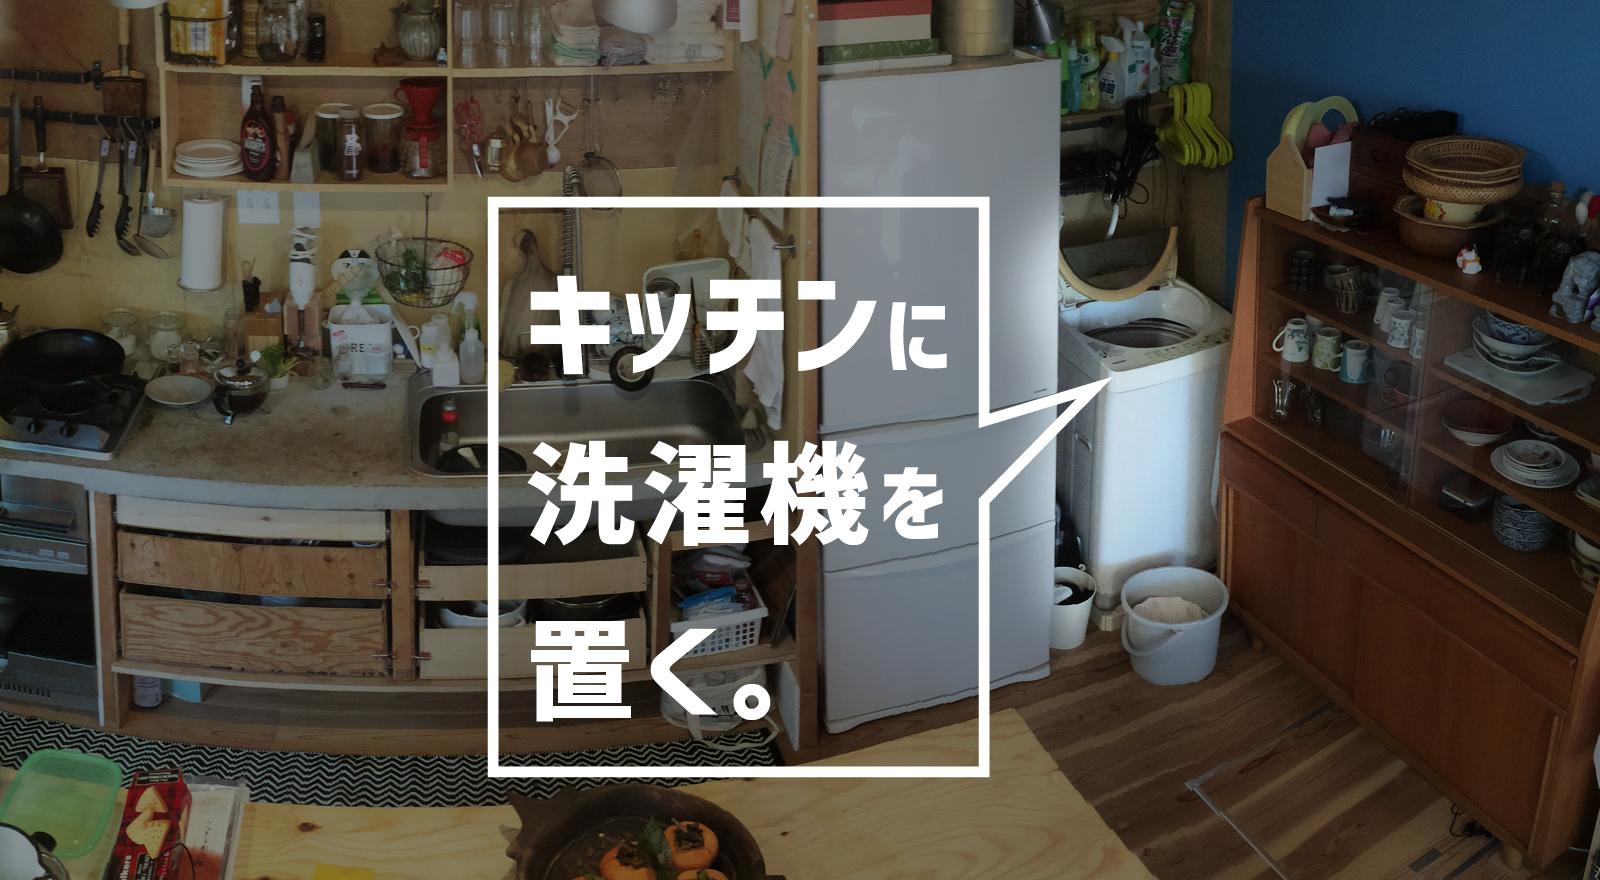 洗濯機をキッチンに置くことにメリットしか感じない。